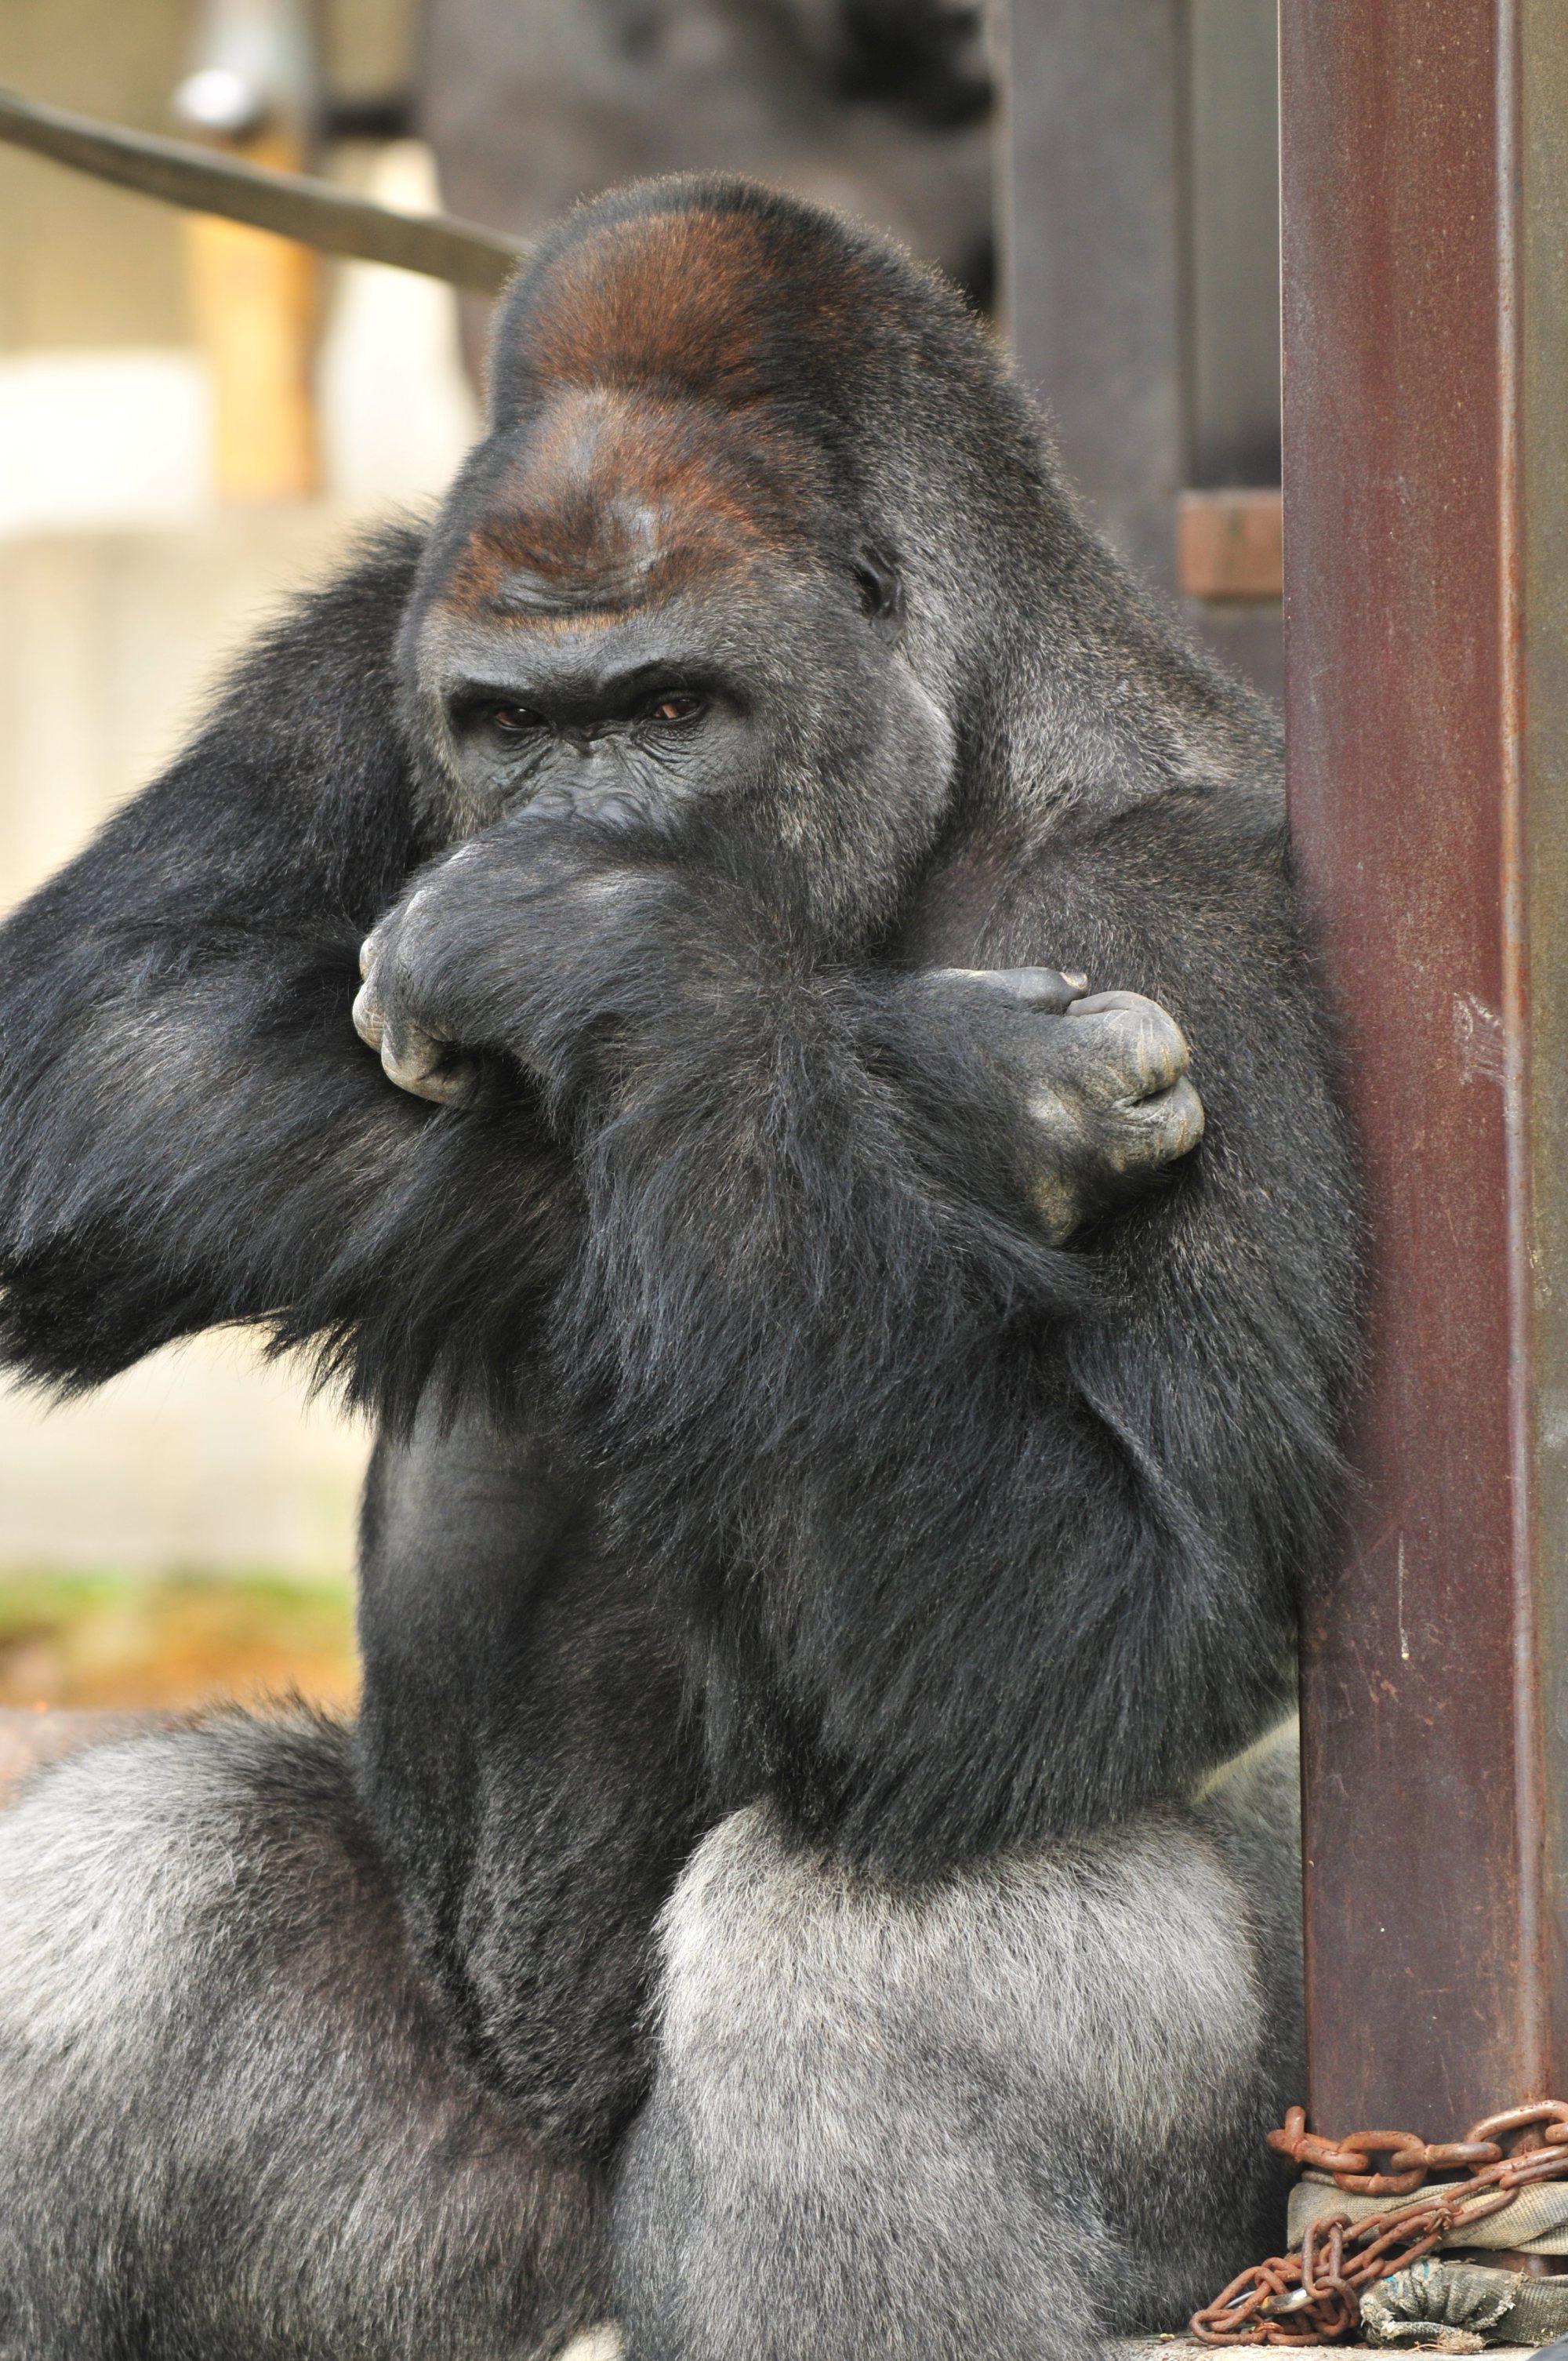 giant gorilla Google Search wildlife